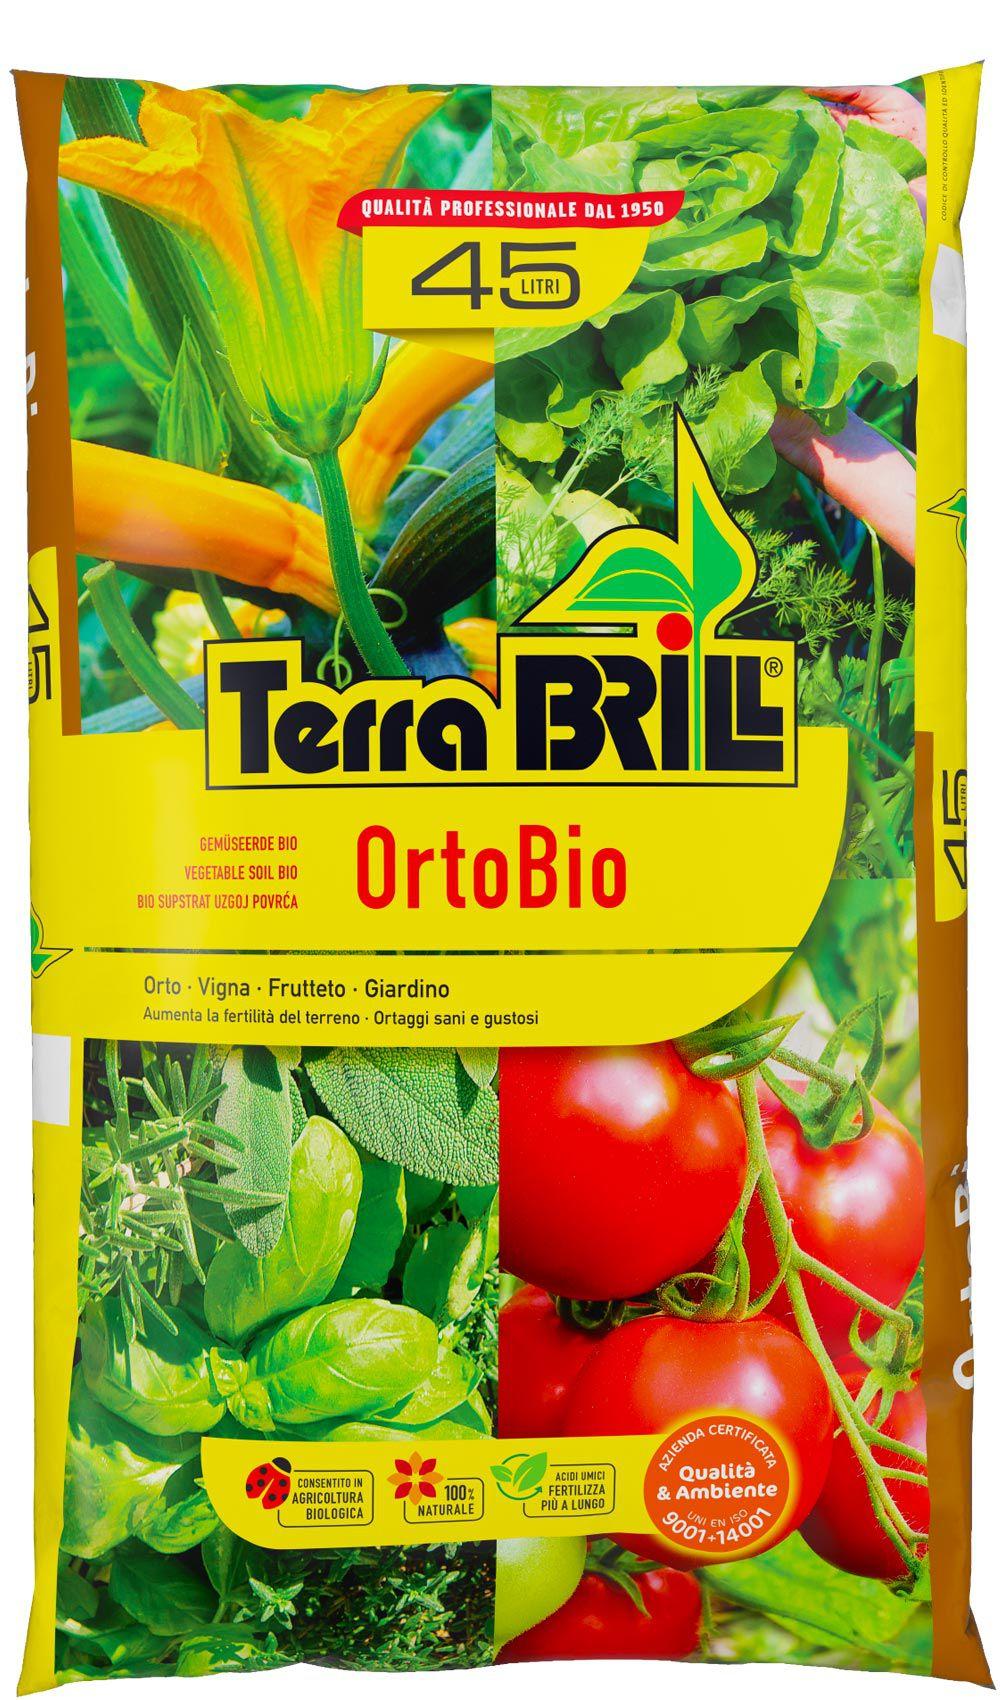 TerraBrill® Ortobio